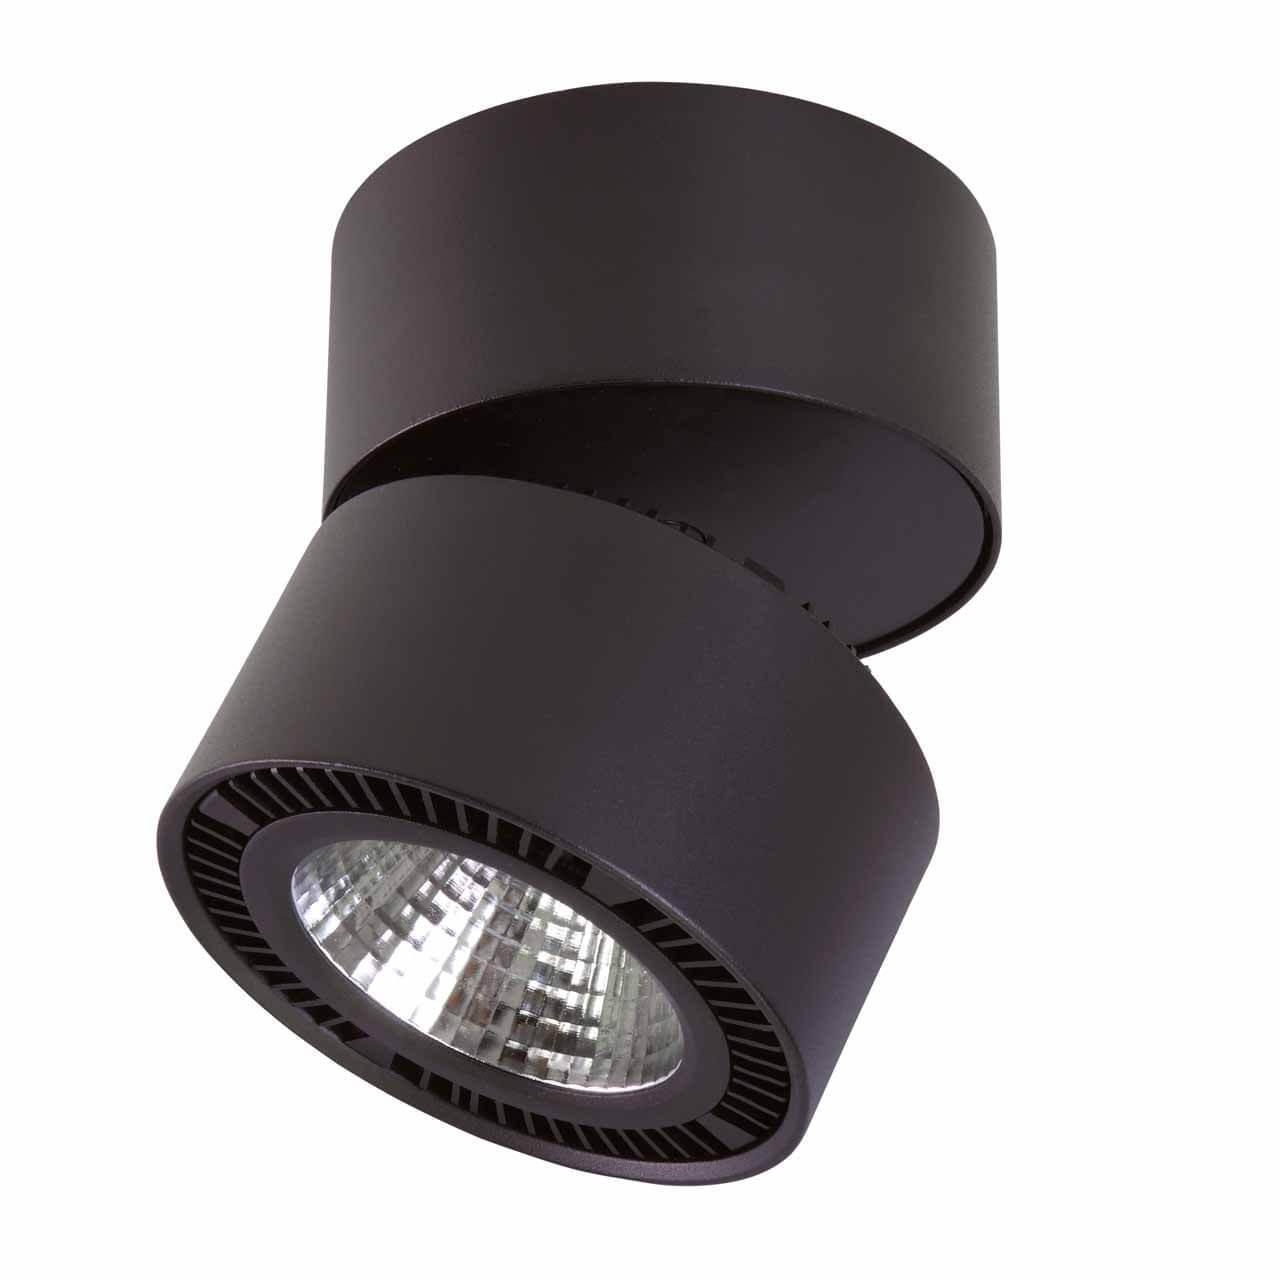 Потолочный светодиодный светильник Lightstar Forte Muro 213857 рюкзак asgard city р 5437 р 5437 этноузор фиолет розов